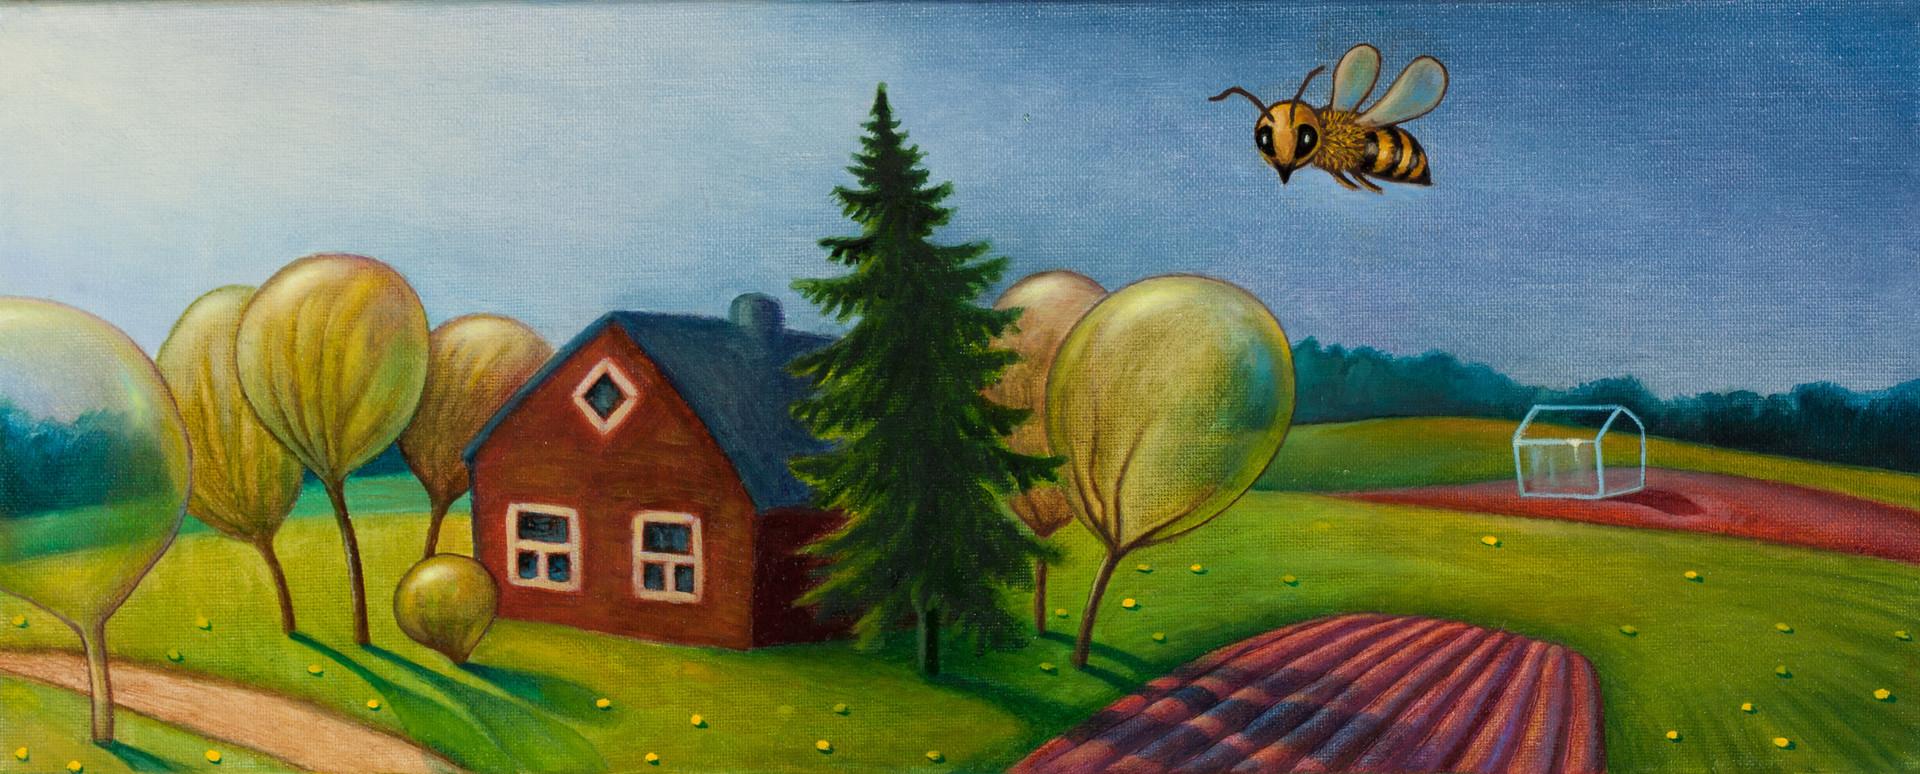 Jeb vai biti ciemā lūgsim? Perhaps, we should invite a bee?